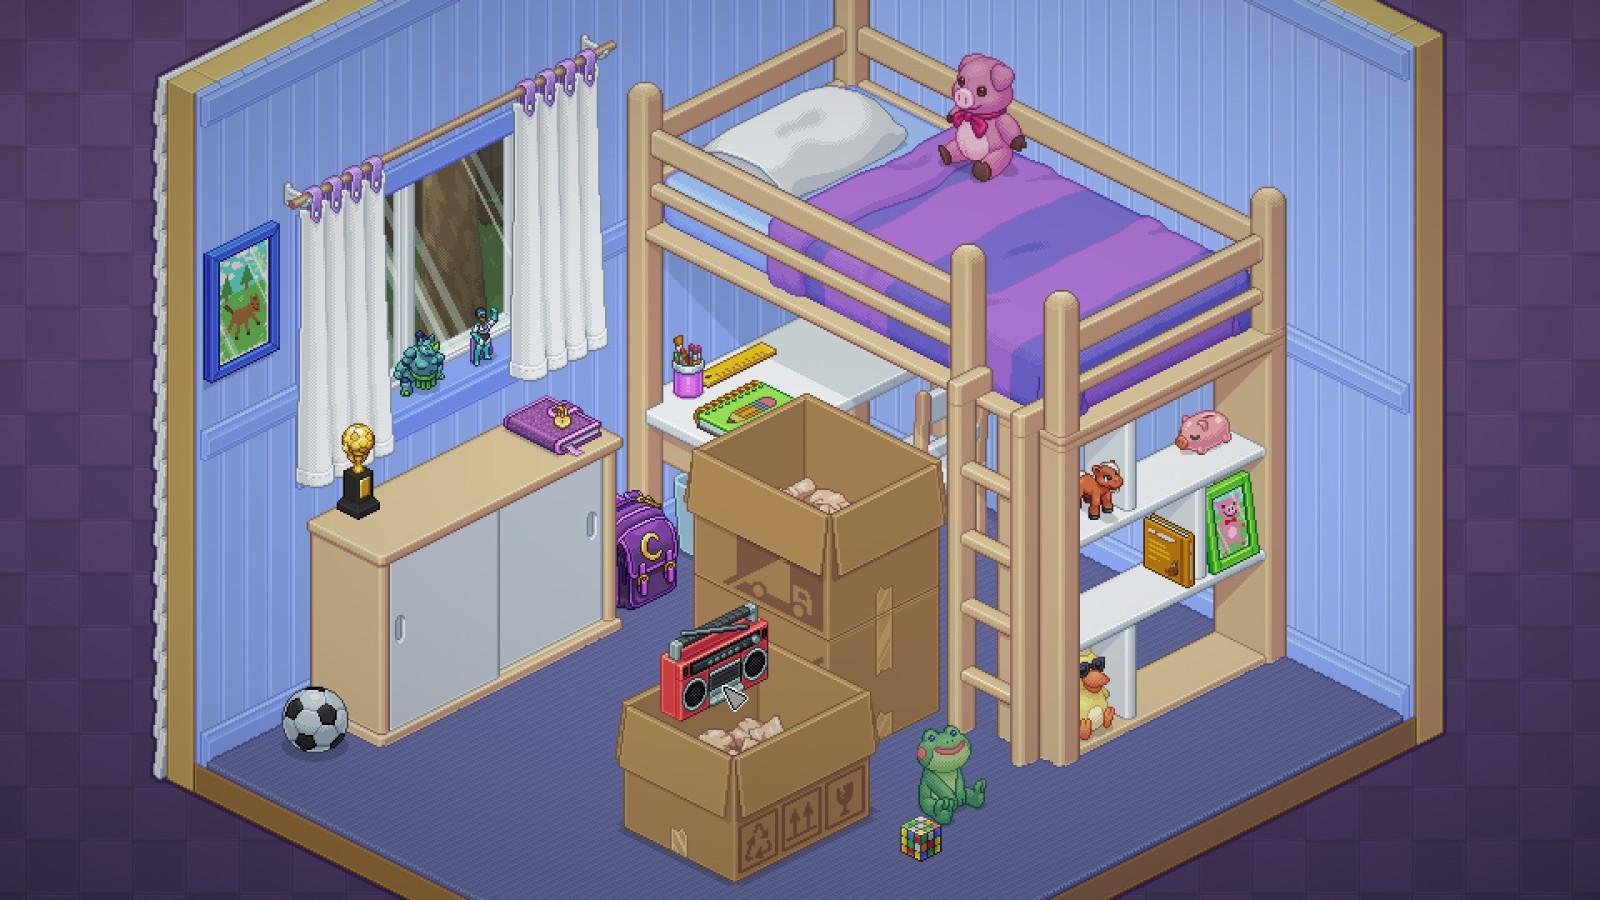 搬家布置游戏《Unpacking》发售日公开 支持简中